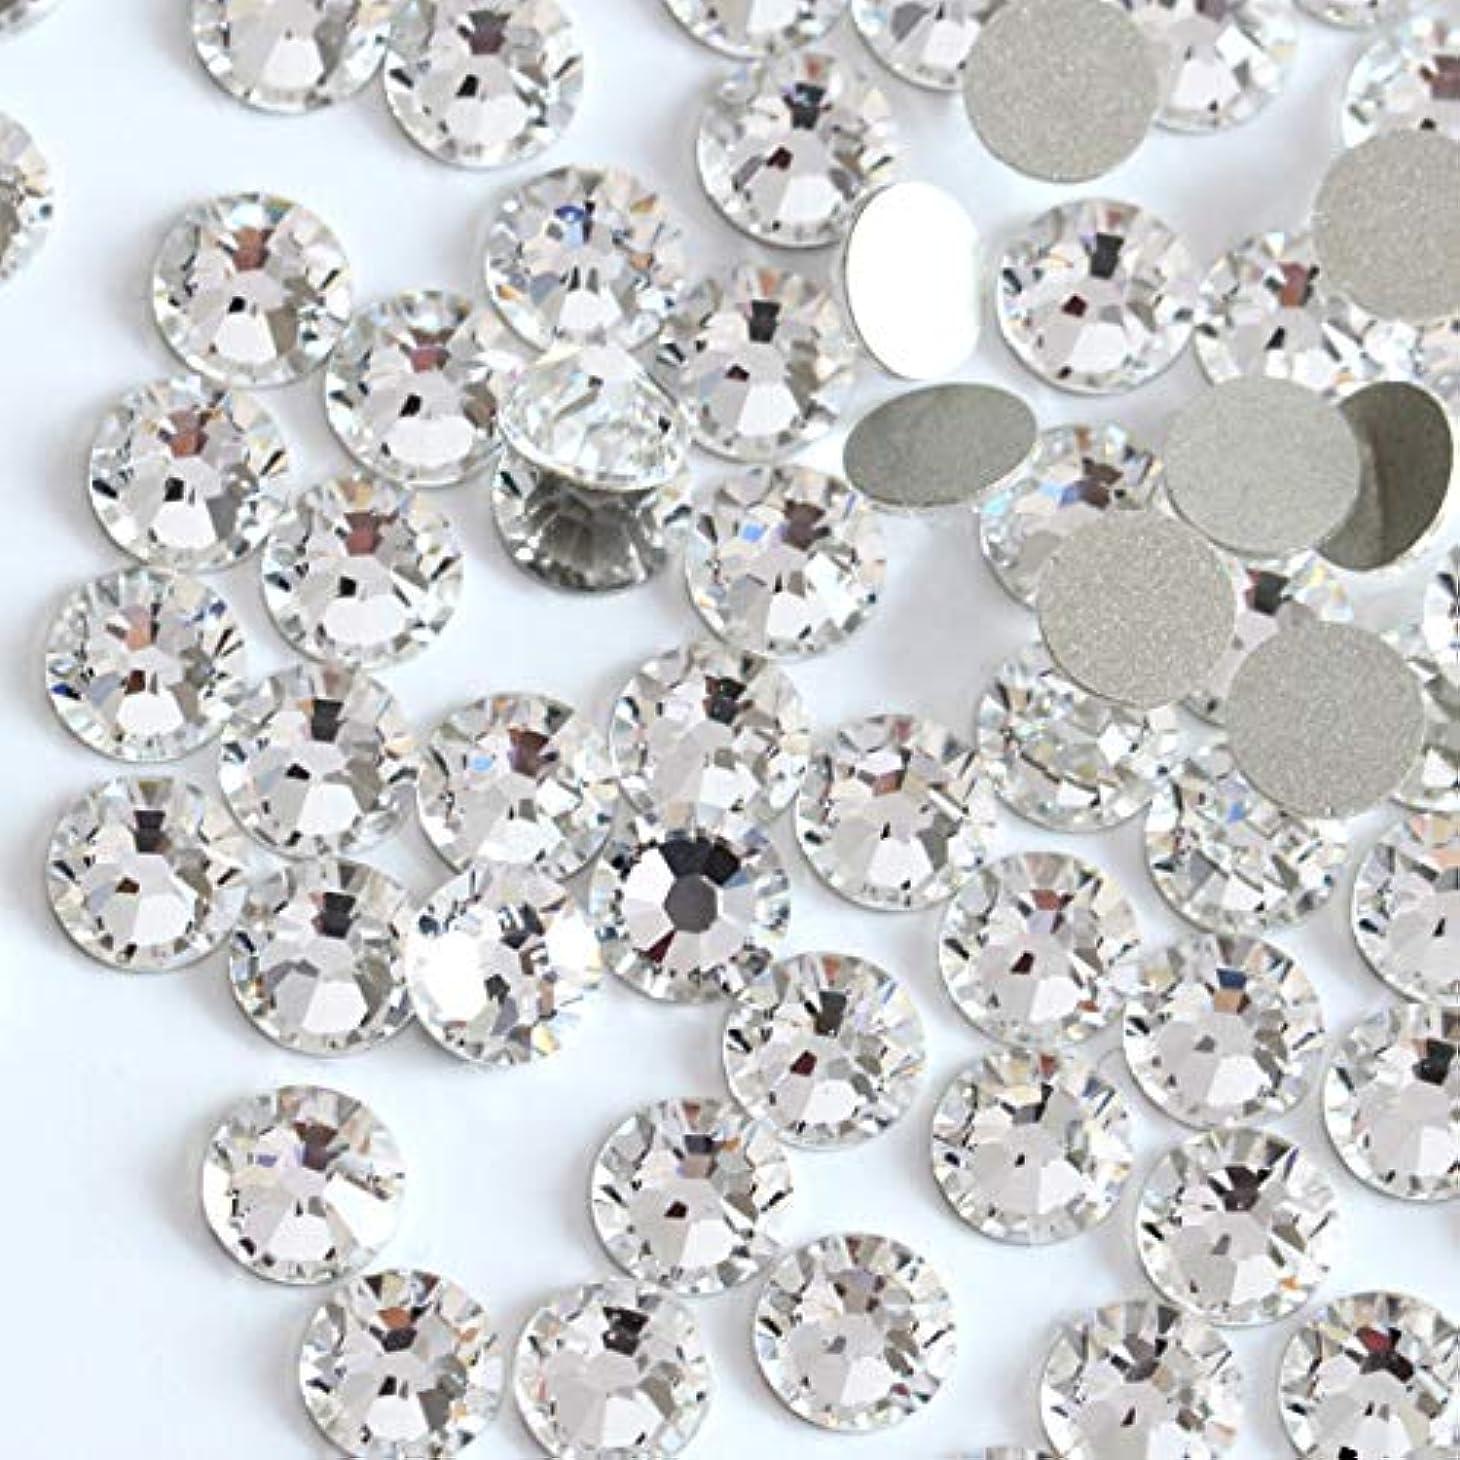 ヘルメットオゾン信号【ラインストーン77】高品質ガラス製ラインストーン クリスタル(1.5mm (SS4) 約200粒)